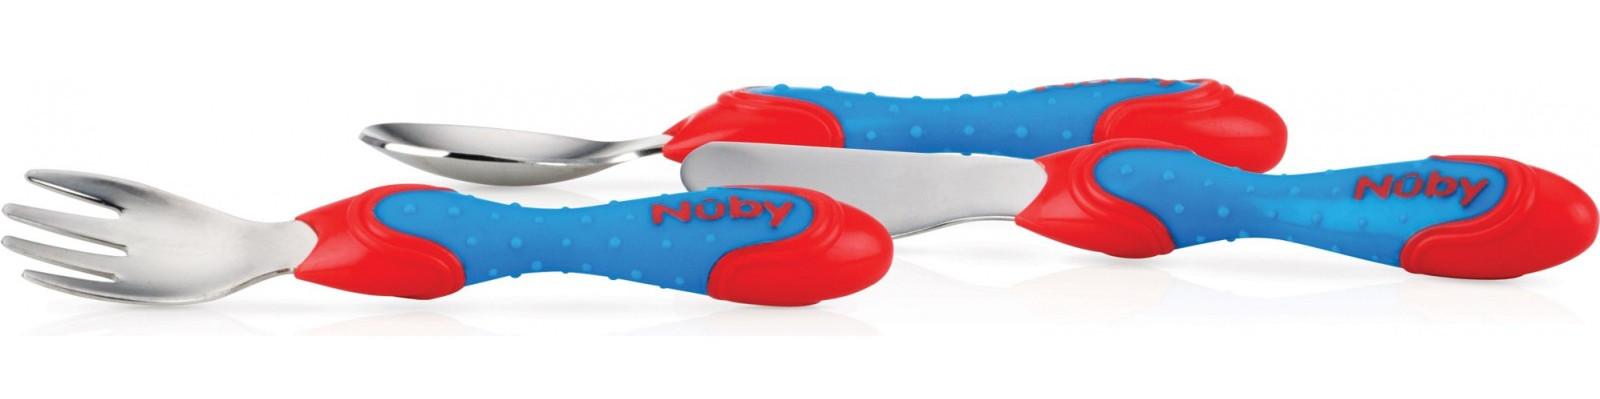 Купить Набор: ложка, вилка и нож Nuby сине-красные